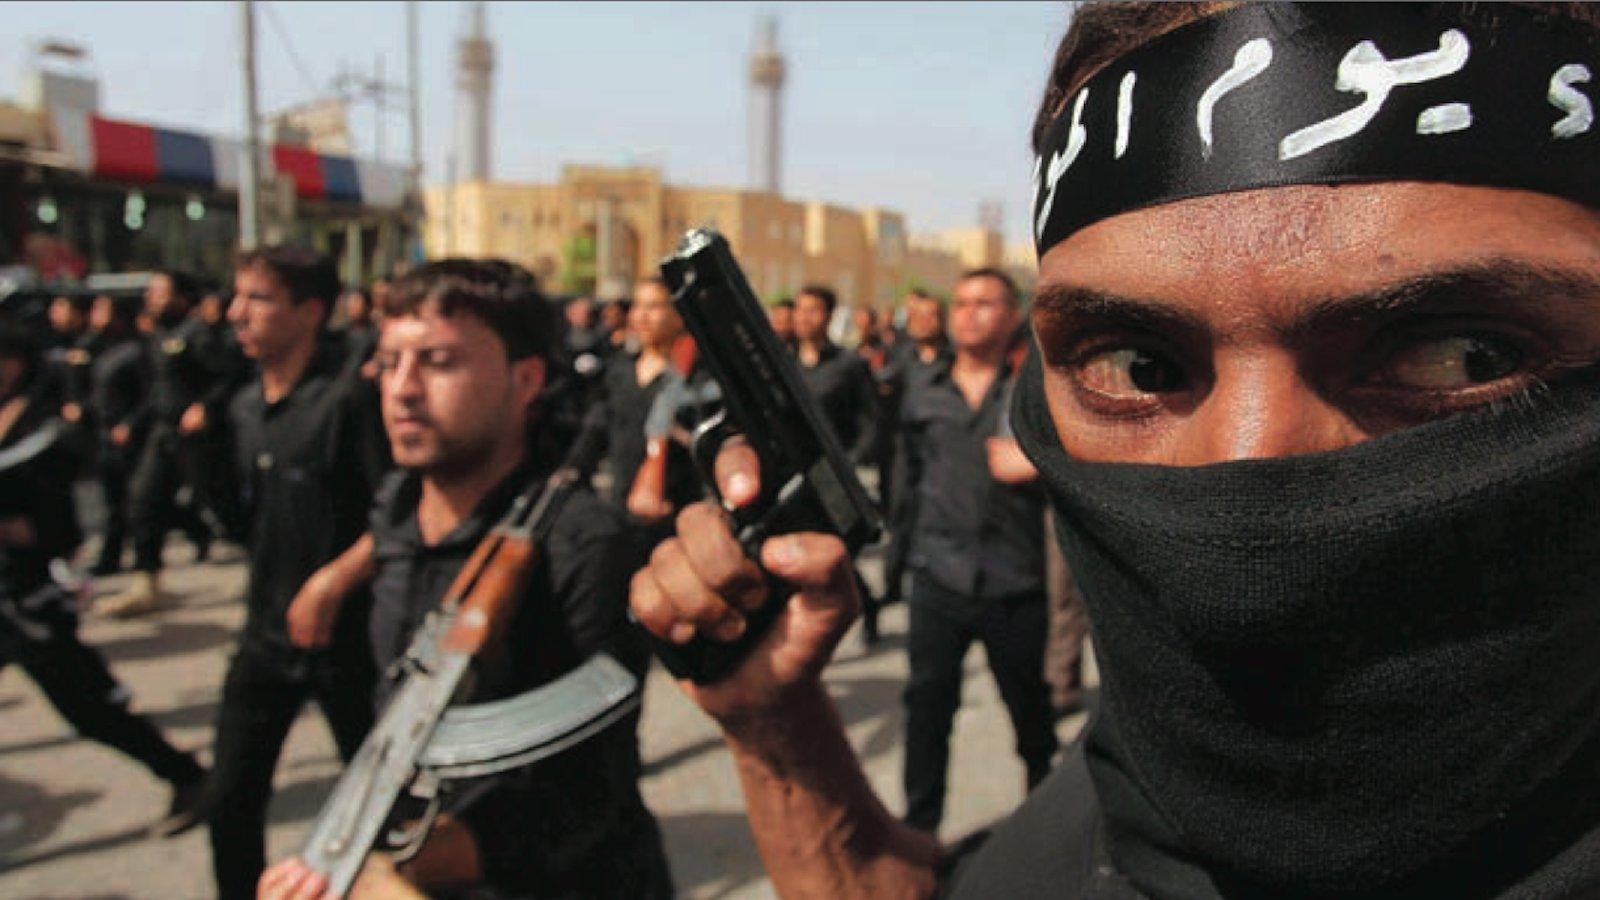 Thất bại tại Trung Đông khiến các tay súng ISIS tìm đến Philippines